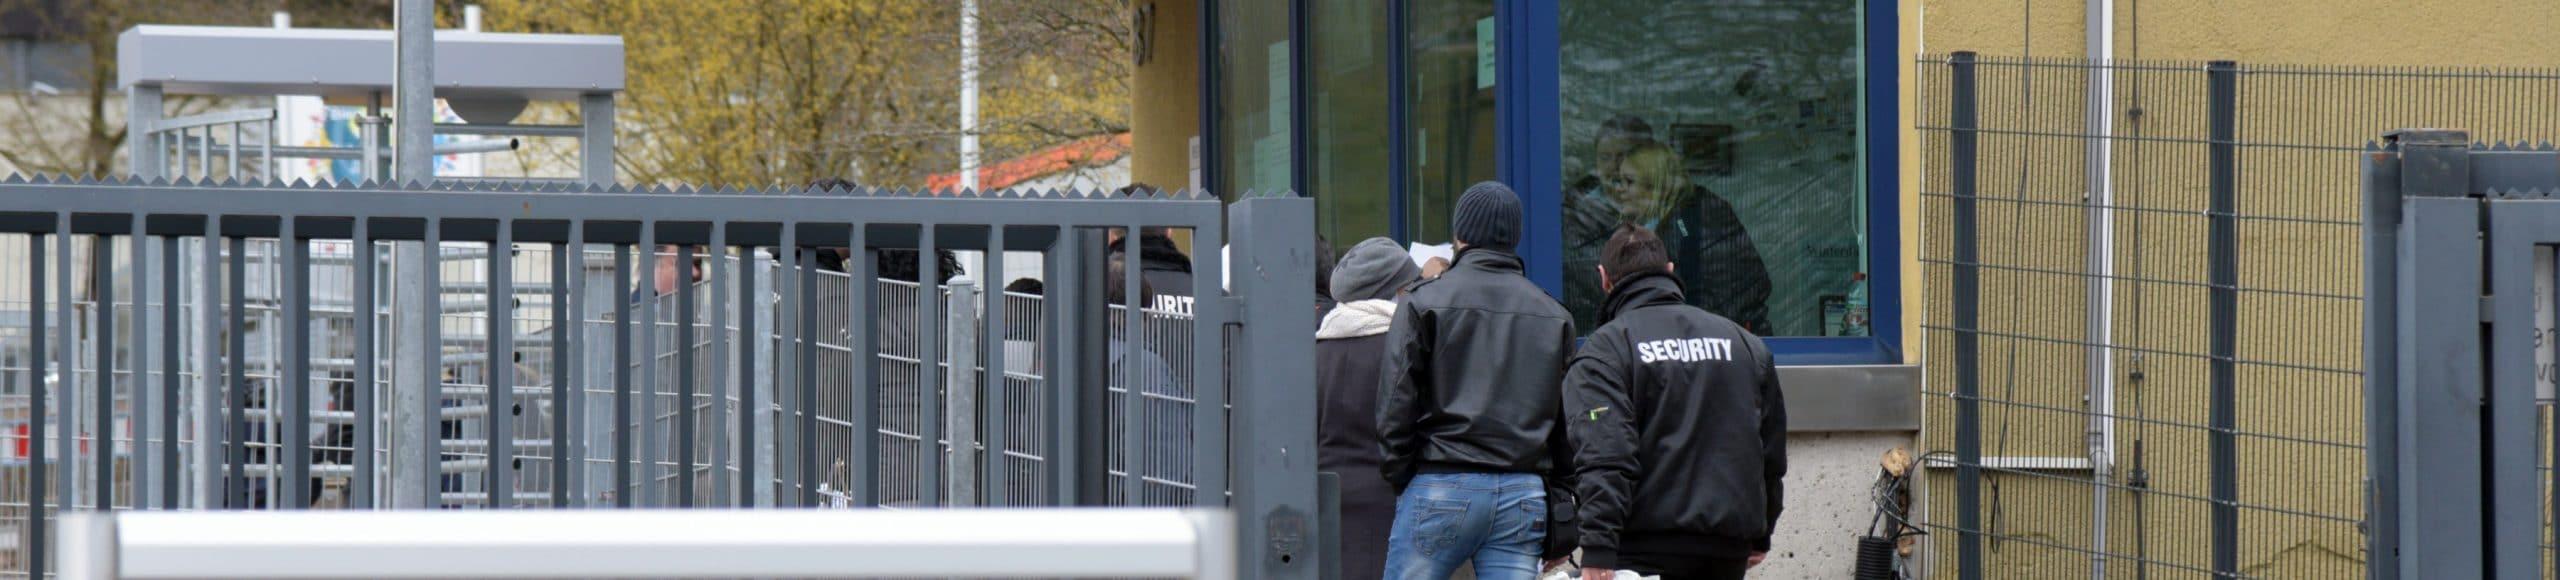 Innere Sicherheit Flüchtlingsunterkunft Ellwangen